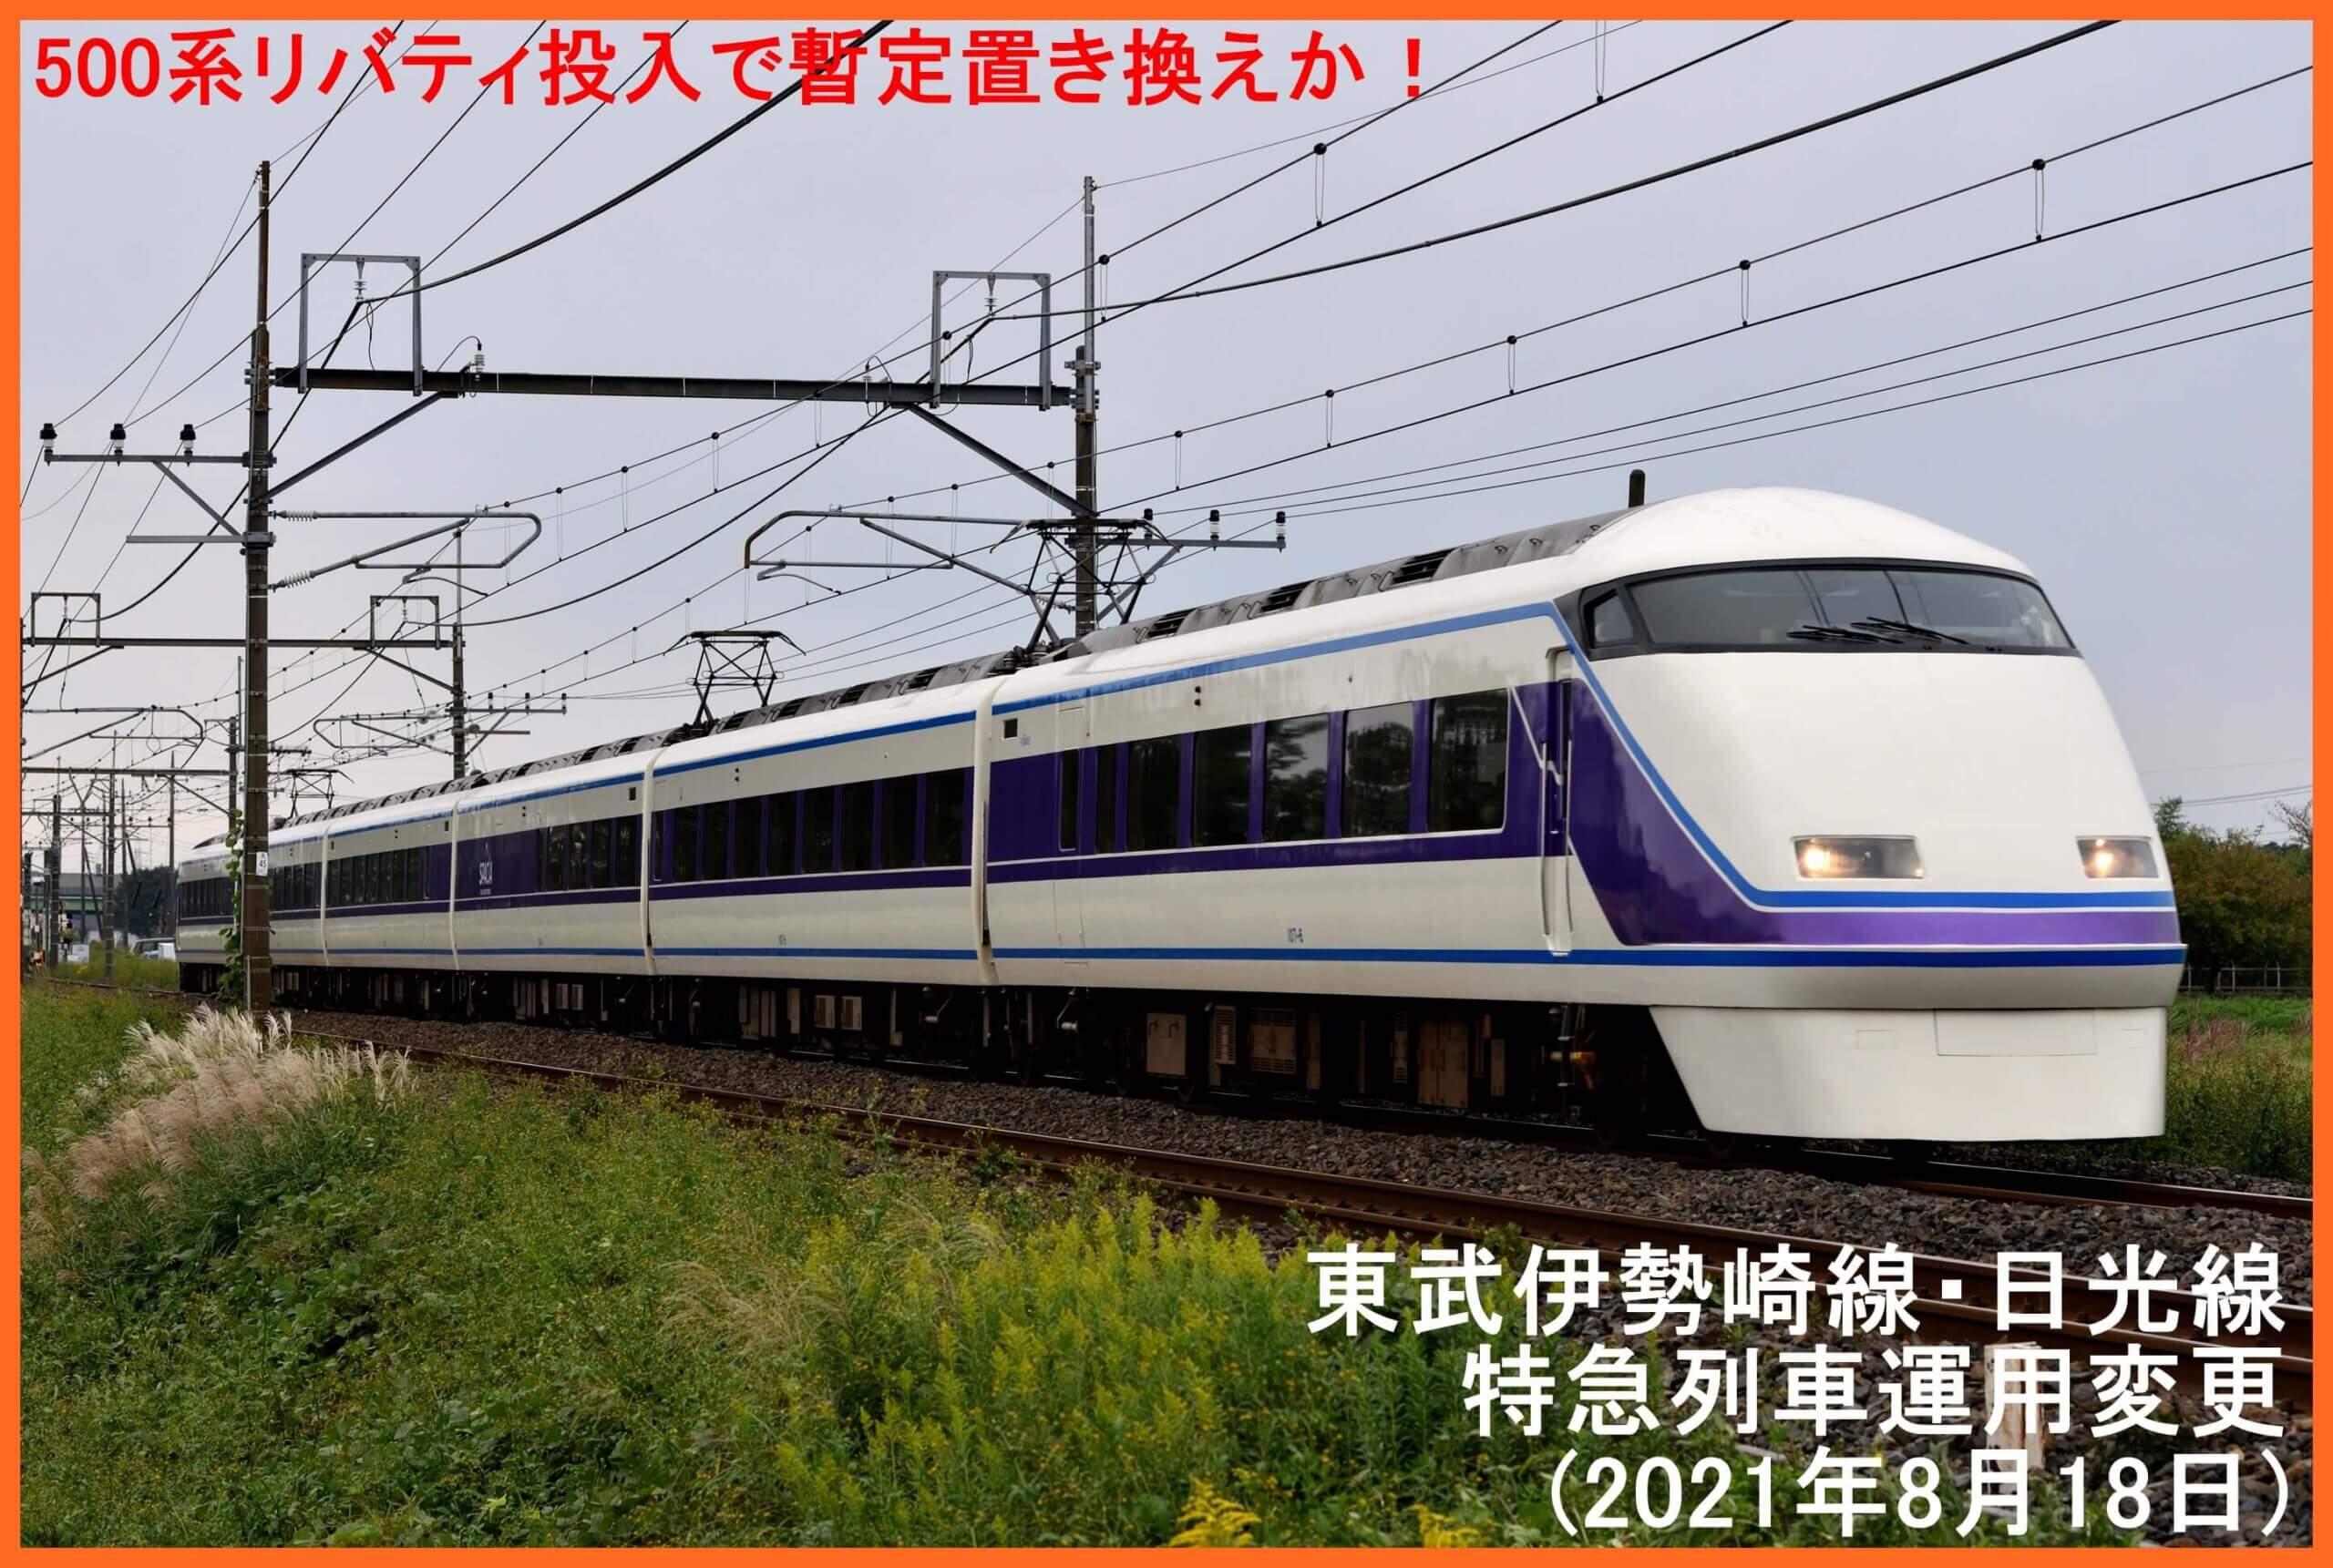 500系リバティ投入も暫定置き換えか! 東武伊勢崎線・日光線特急列車運用変更(2021年8月18日)